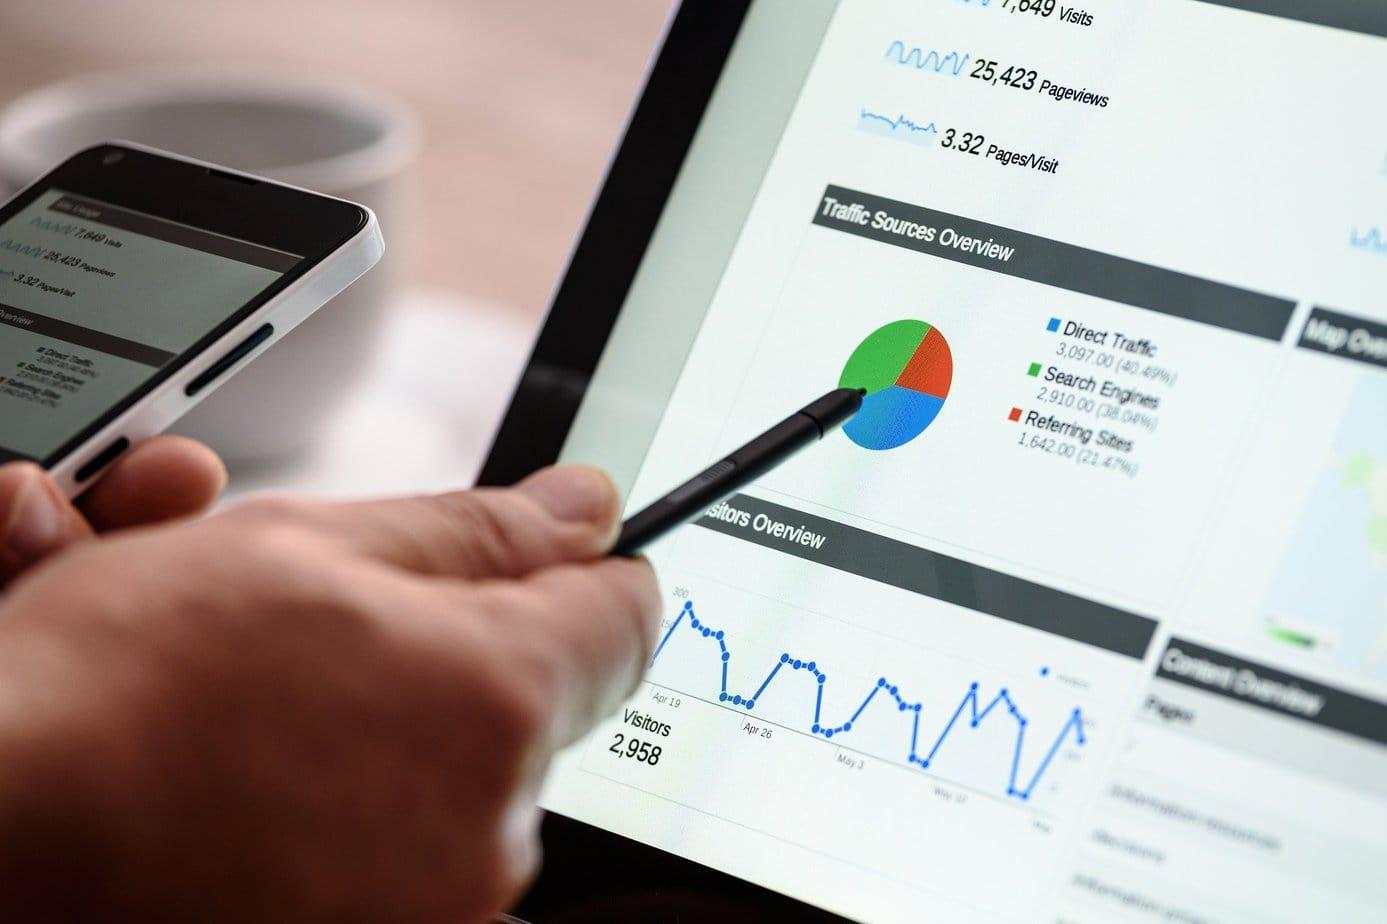 Kako dolgo potrebuje Google za indeksiranje nove spletne strani? 1